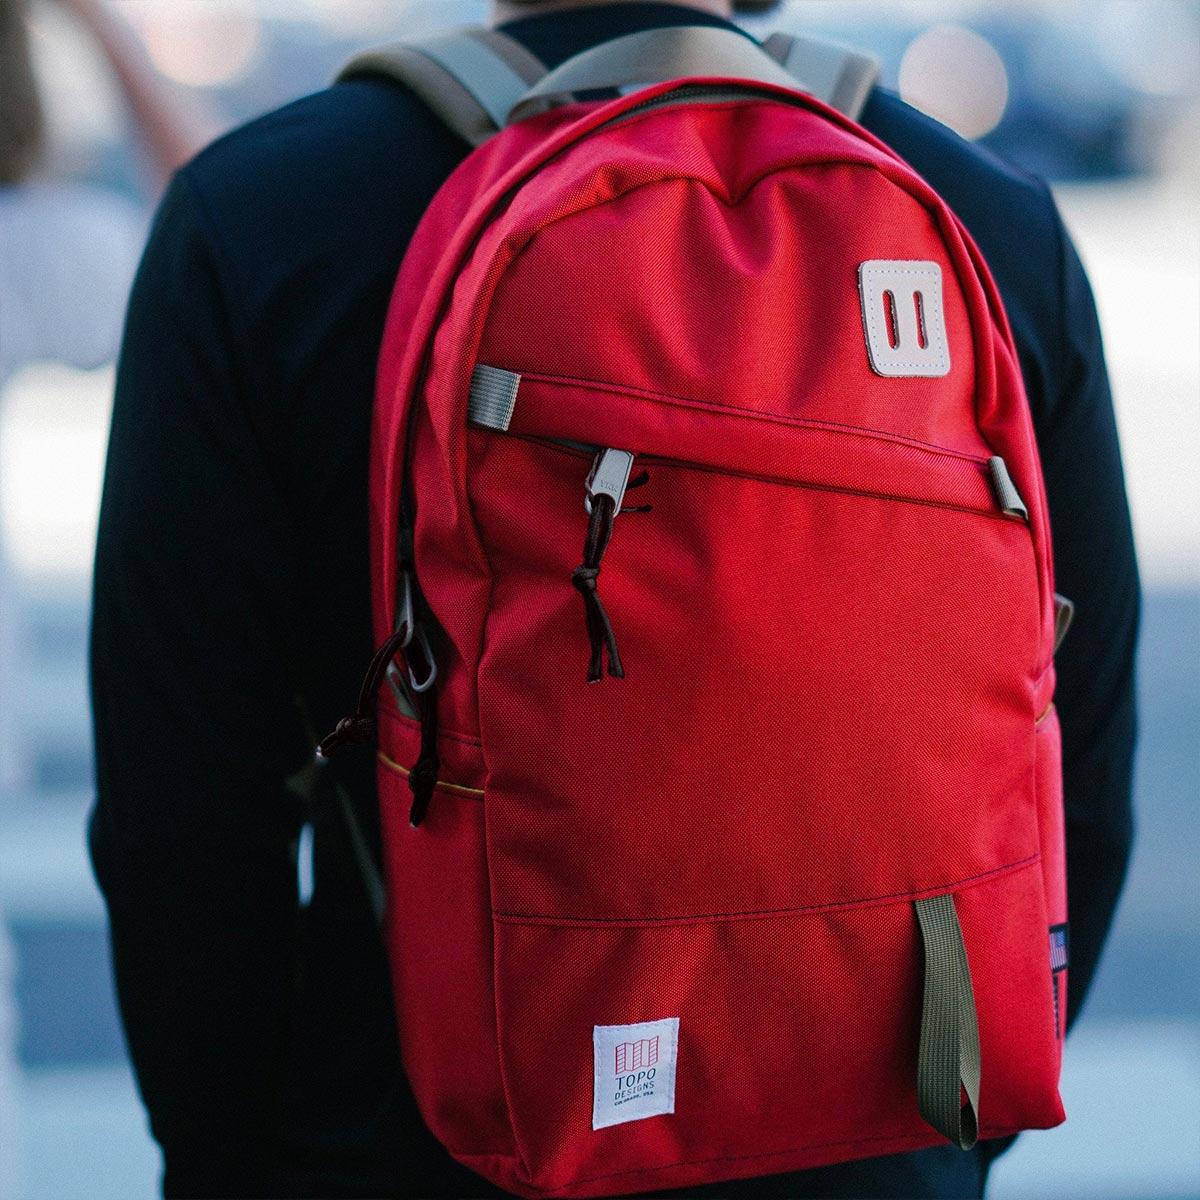 Topo Designs Daypack backpack Red, ook op vakantie je beste vriend